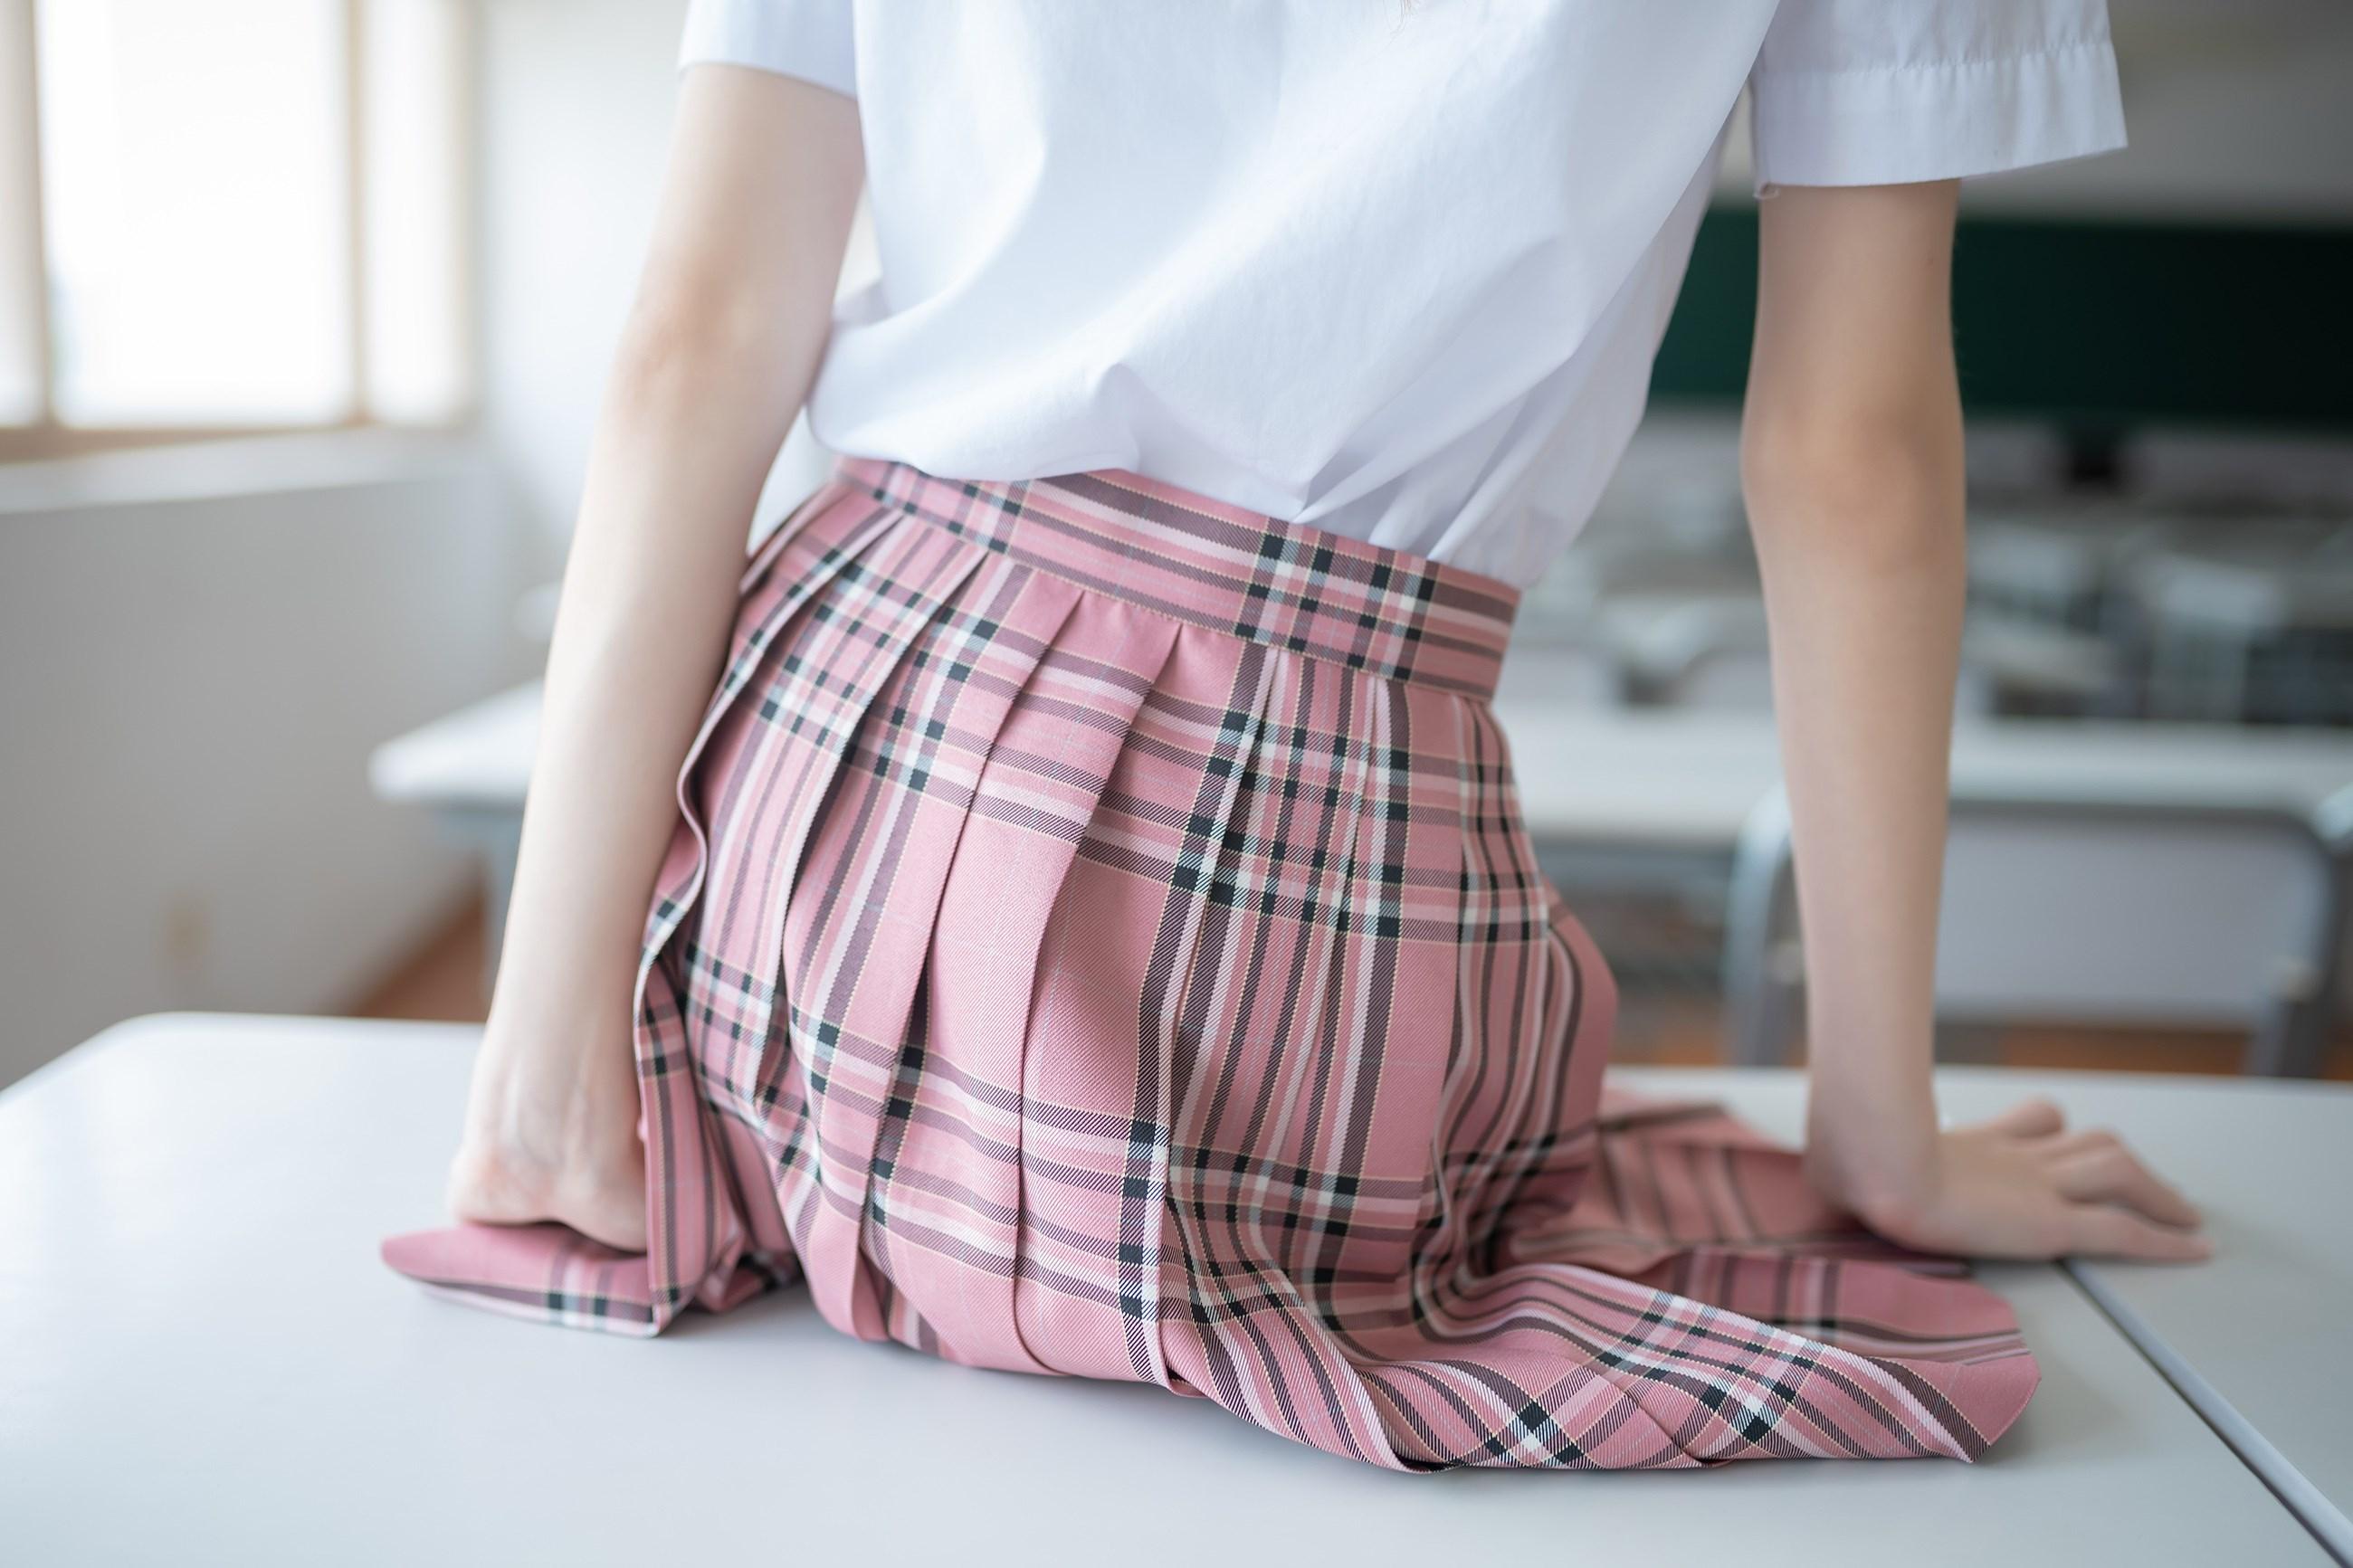 【兔玩映画】粉色格裙少女 兔玩映画 第8张